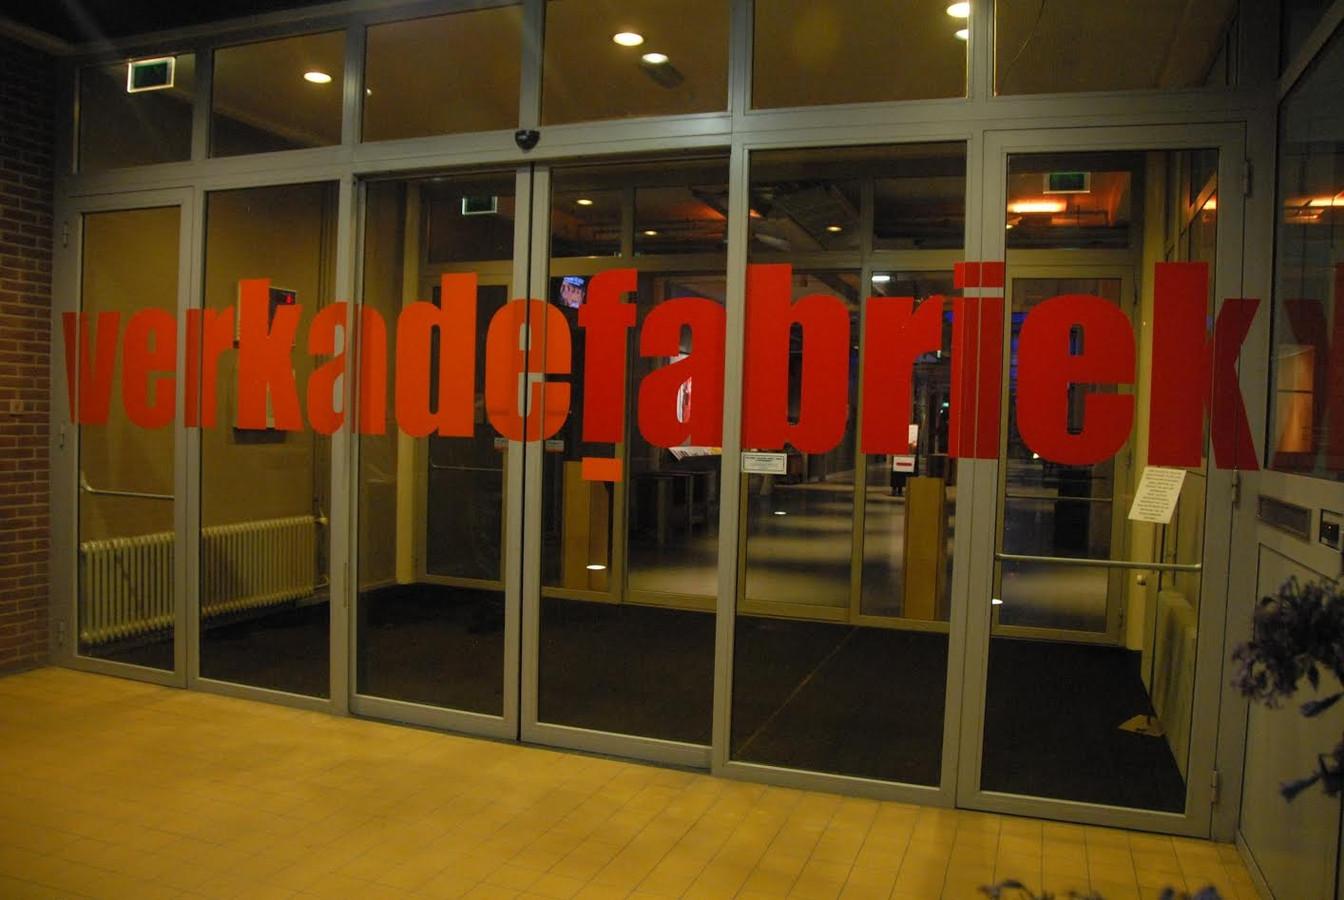 De Verkadefabriek in Den Bosch.